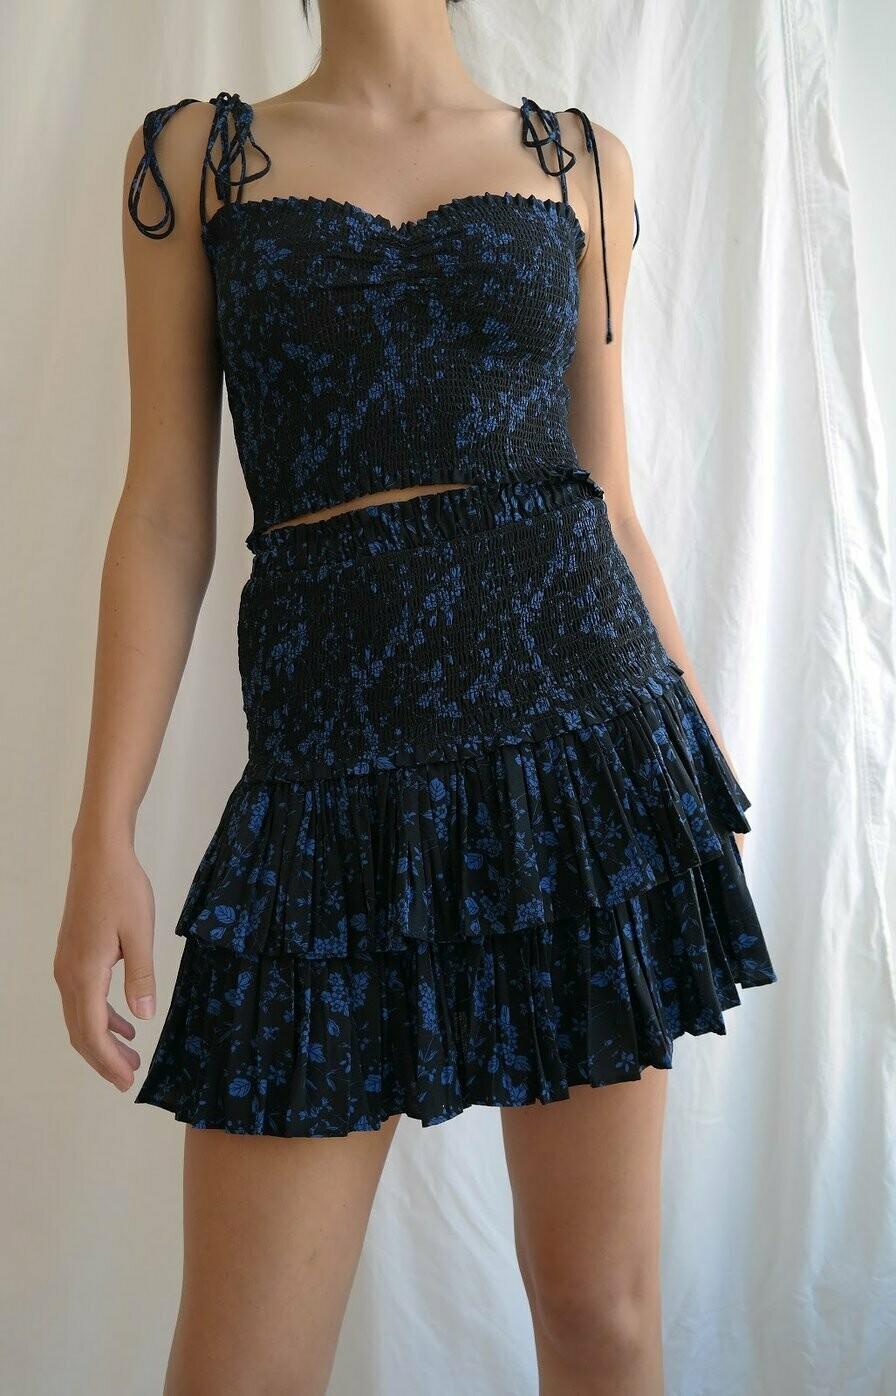 Floral Ruffle Skirt - JS209R